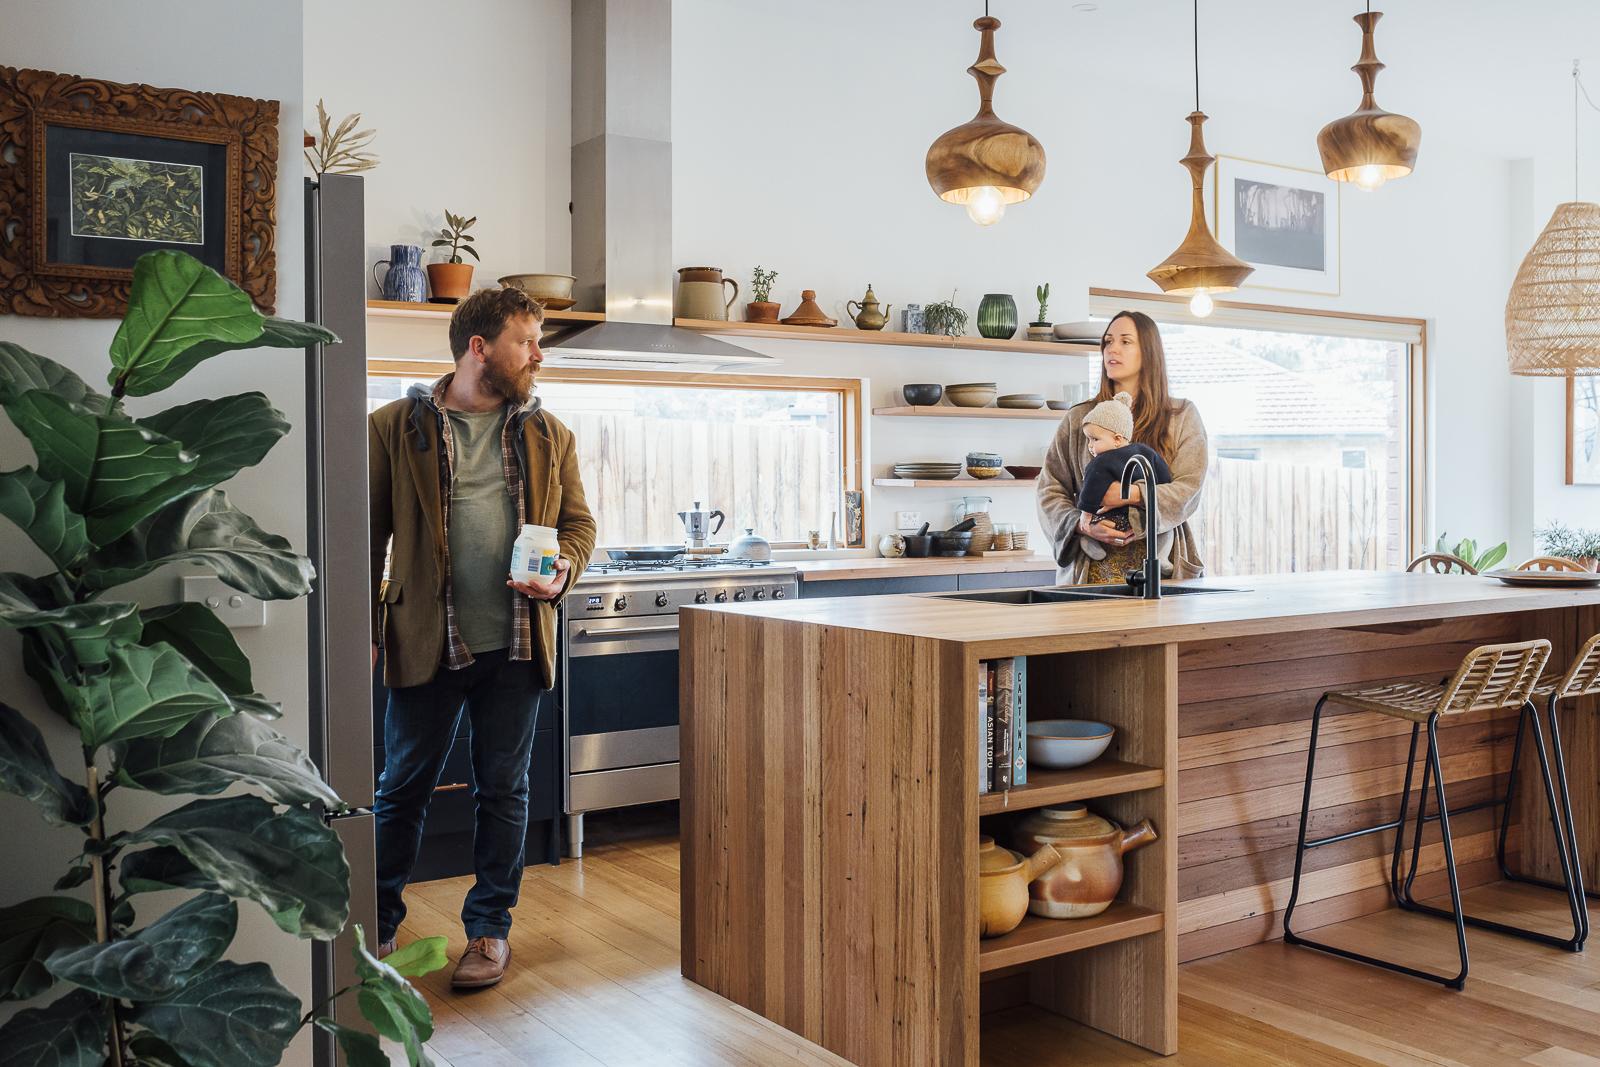 Breakfast time in Anna & Josh's new kitchen.